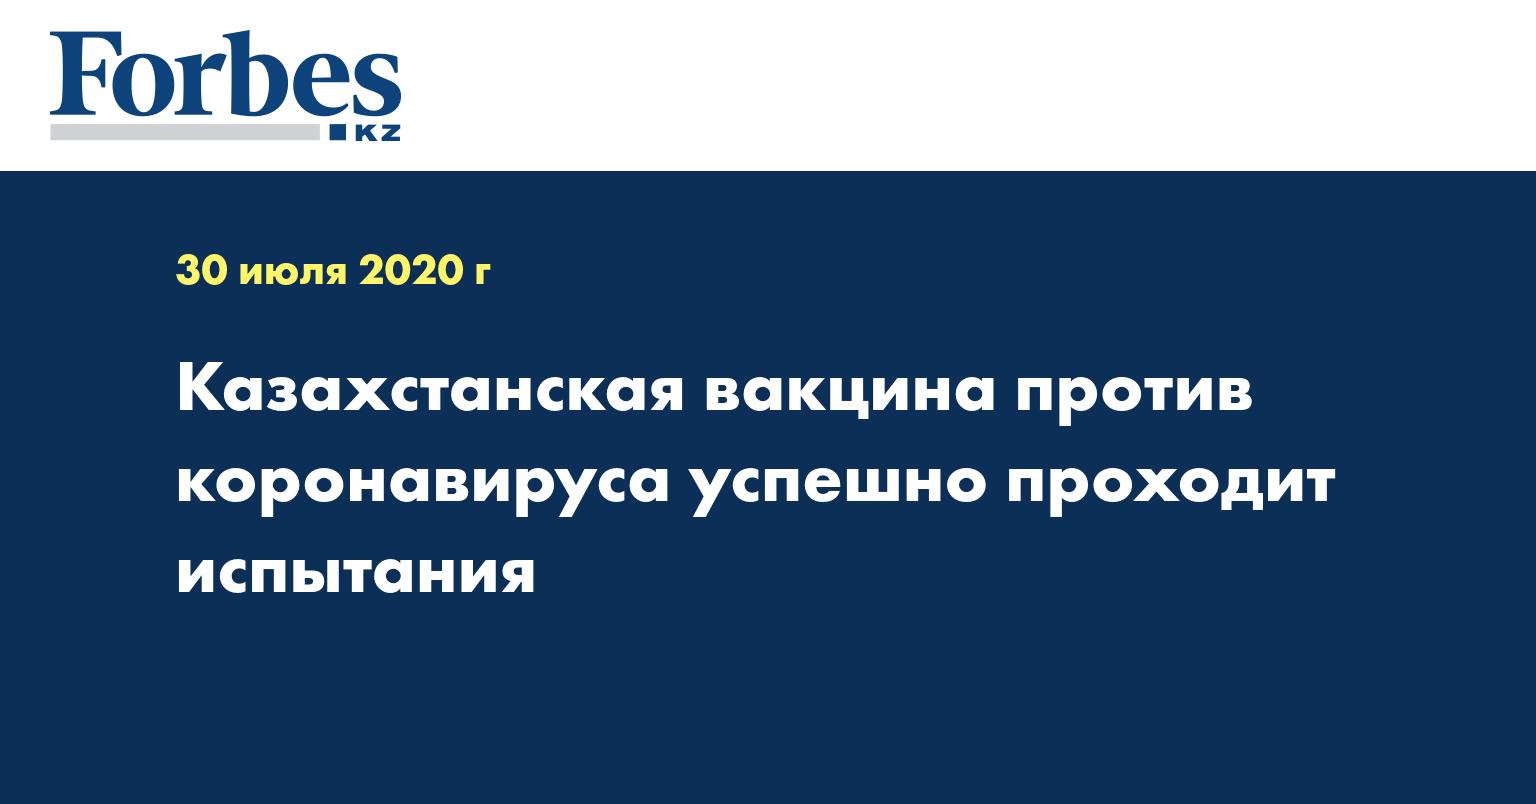 Казахстанская вакцина против коронавируса успешно проходит испытания